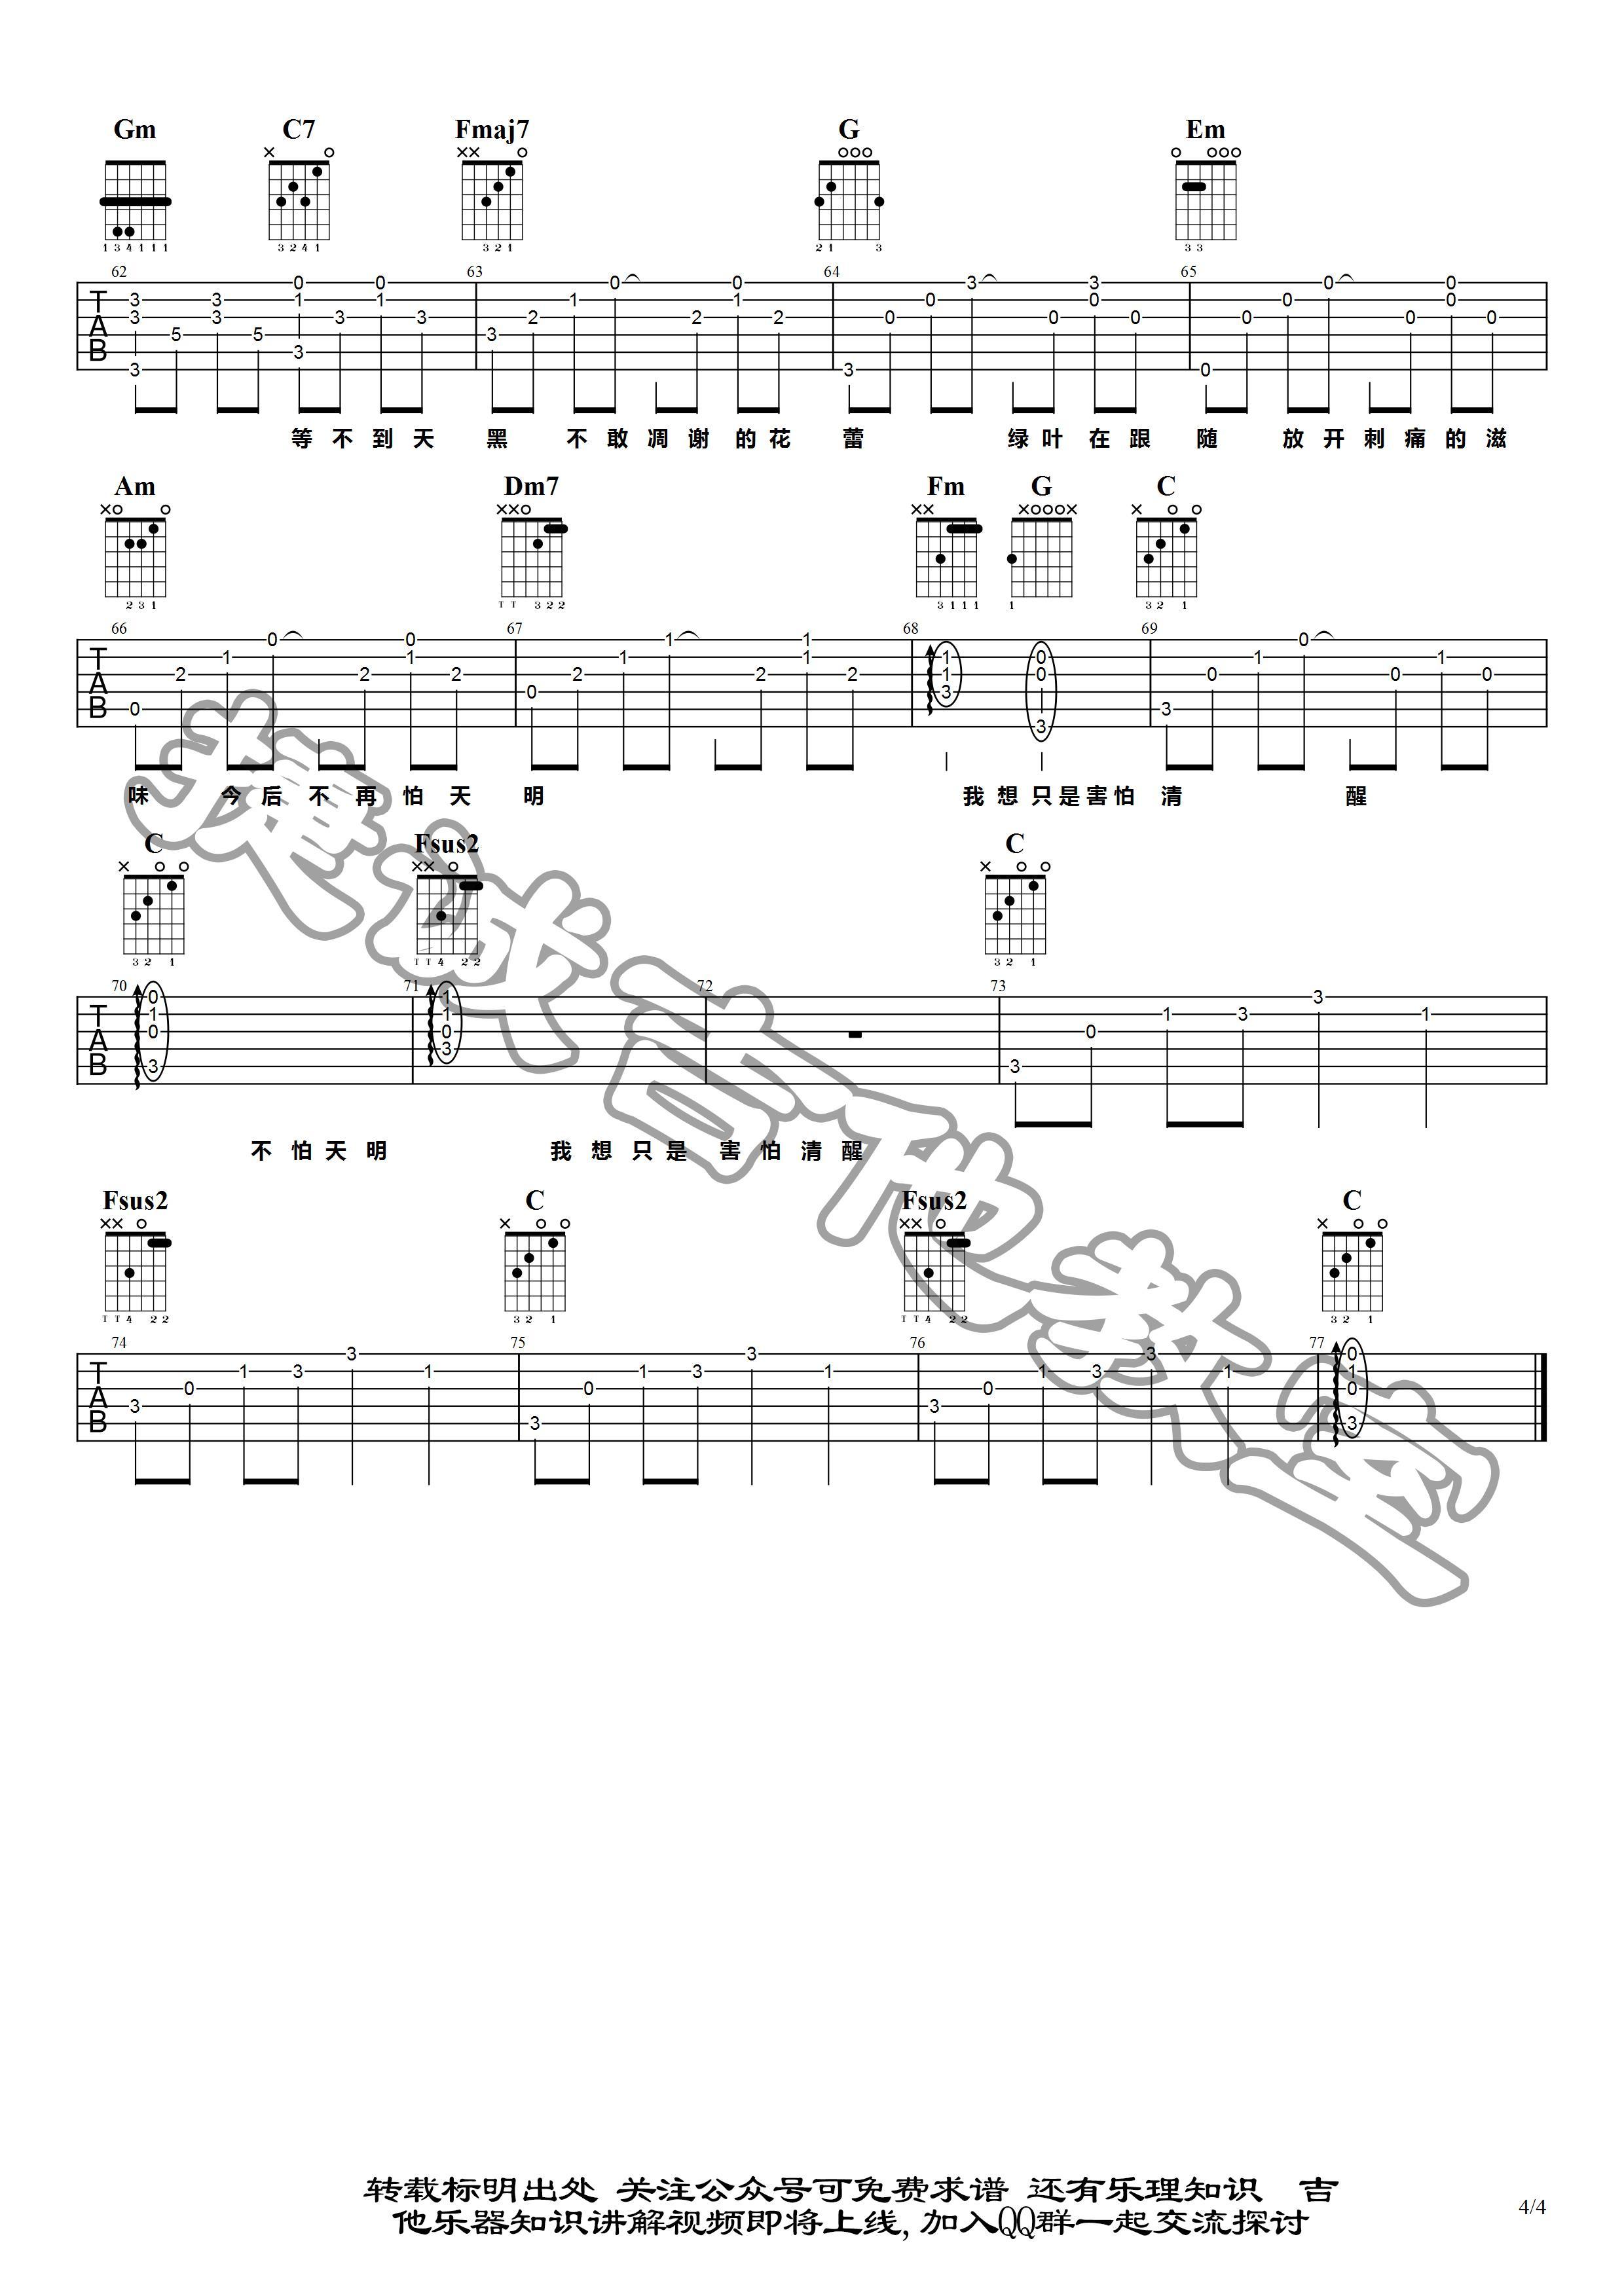 林俊杰《她说》吉他谱 C调原版弹唱谱